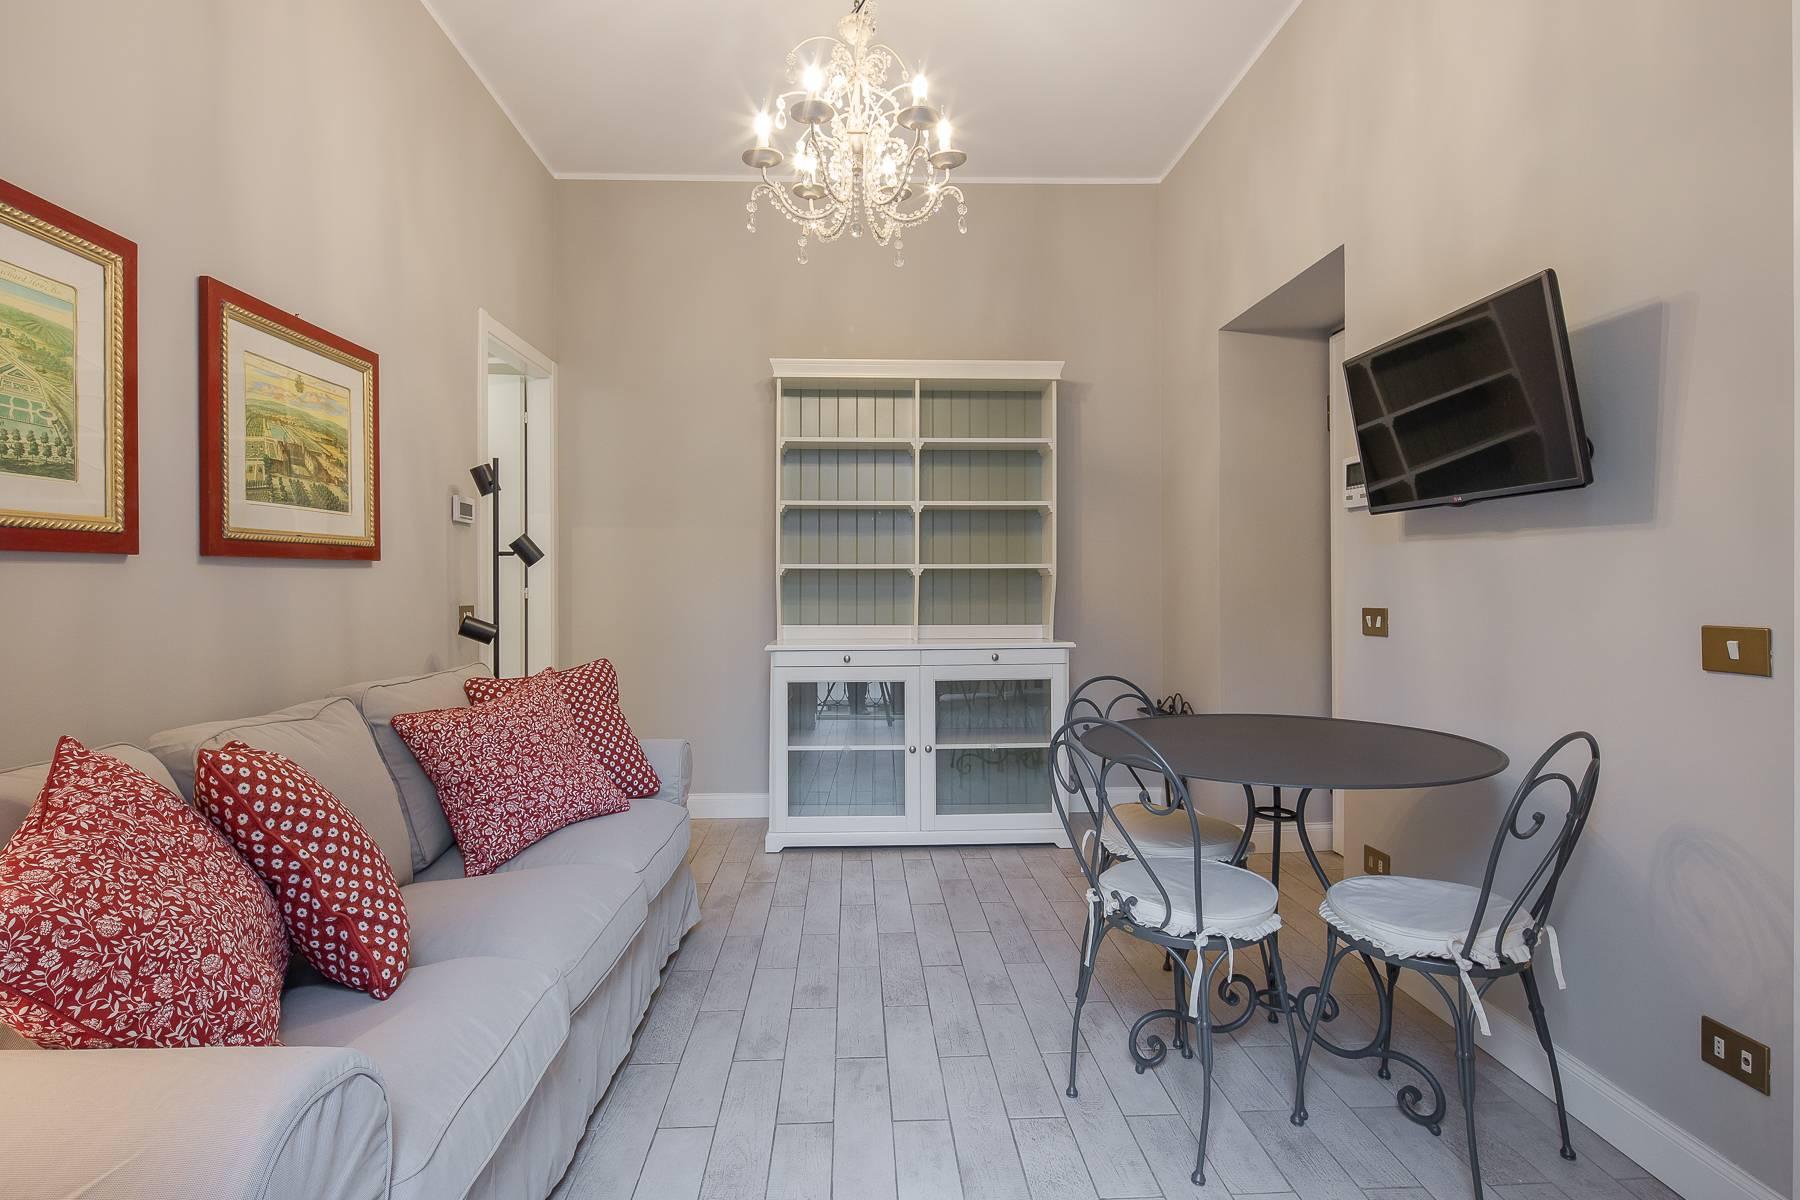 Appartamento in Affitto a Milano: 2 locali, 48 mq - Foto 6